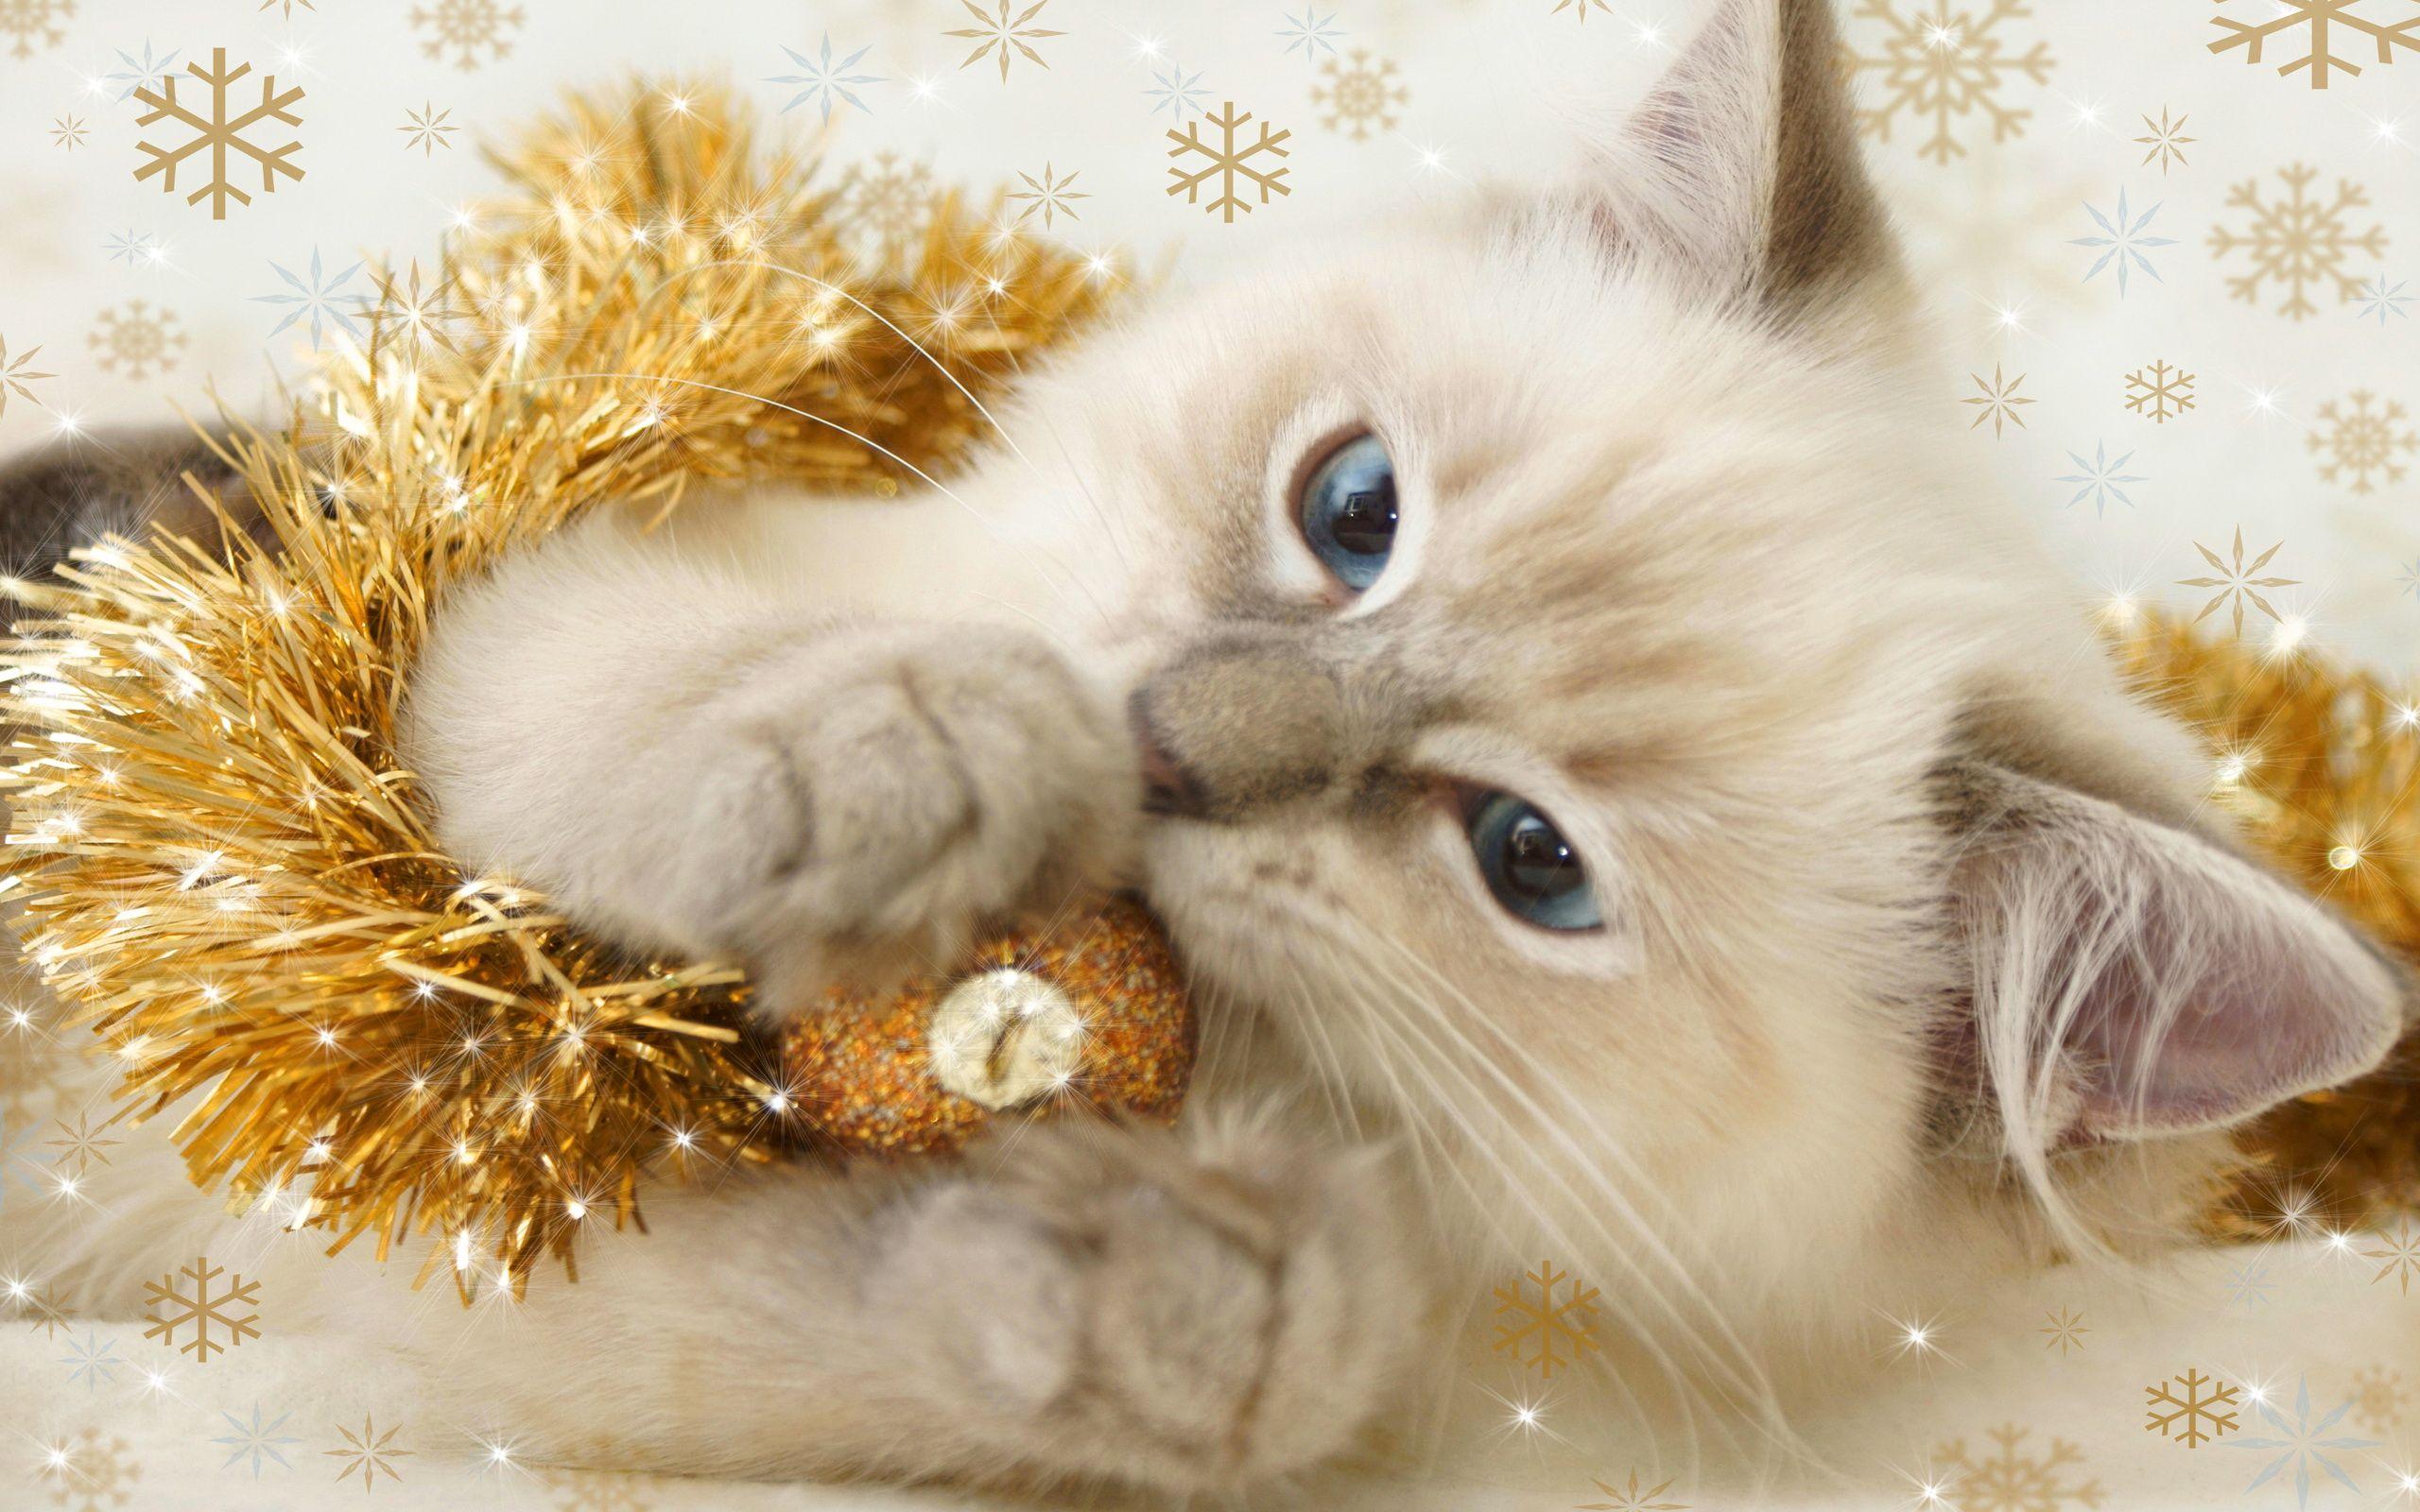 Cute Christmas Kitty Christmas Kitten Christmas Cats Christmas Animals